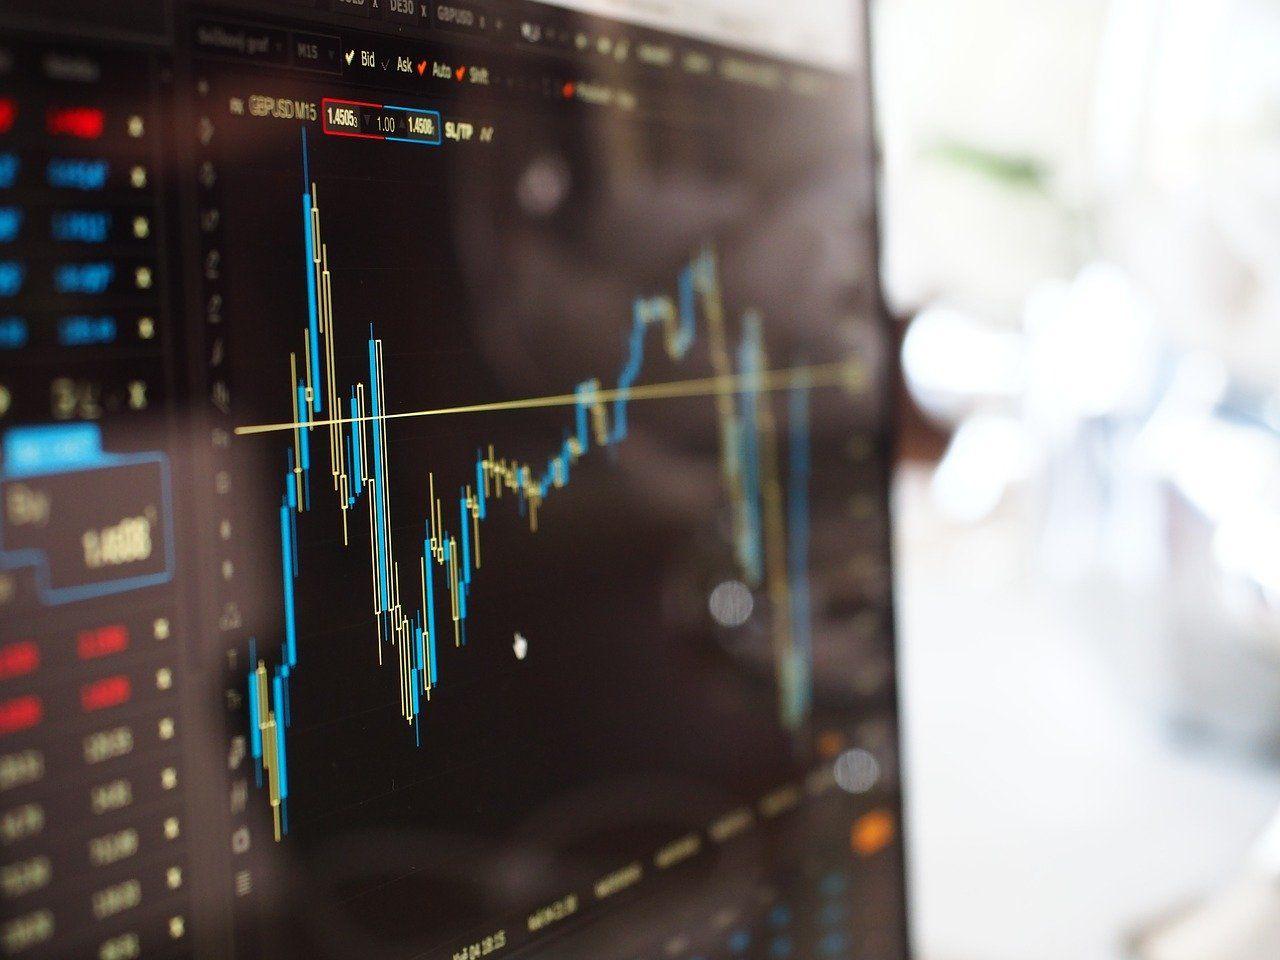 Digital Securities Market Update Q2 2019